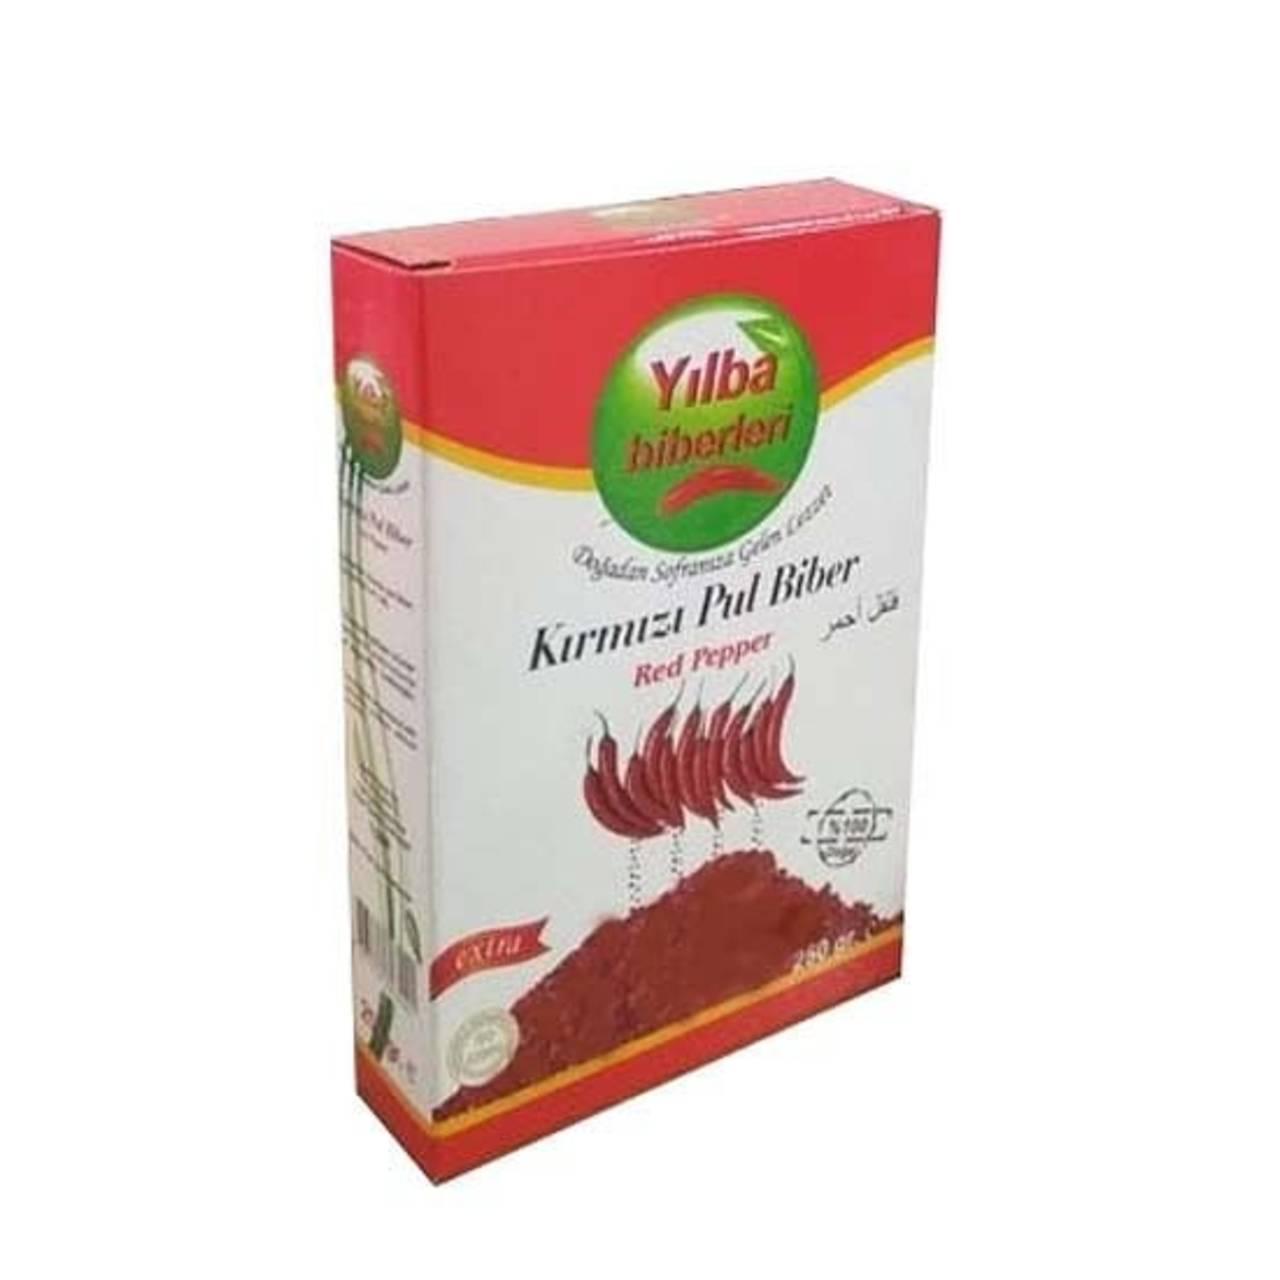 فلفل قرمز ترکیه ای پولبیبر یلبا اصل ترک ۲۵۰ گرمی